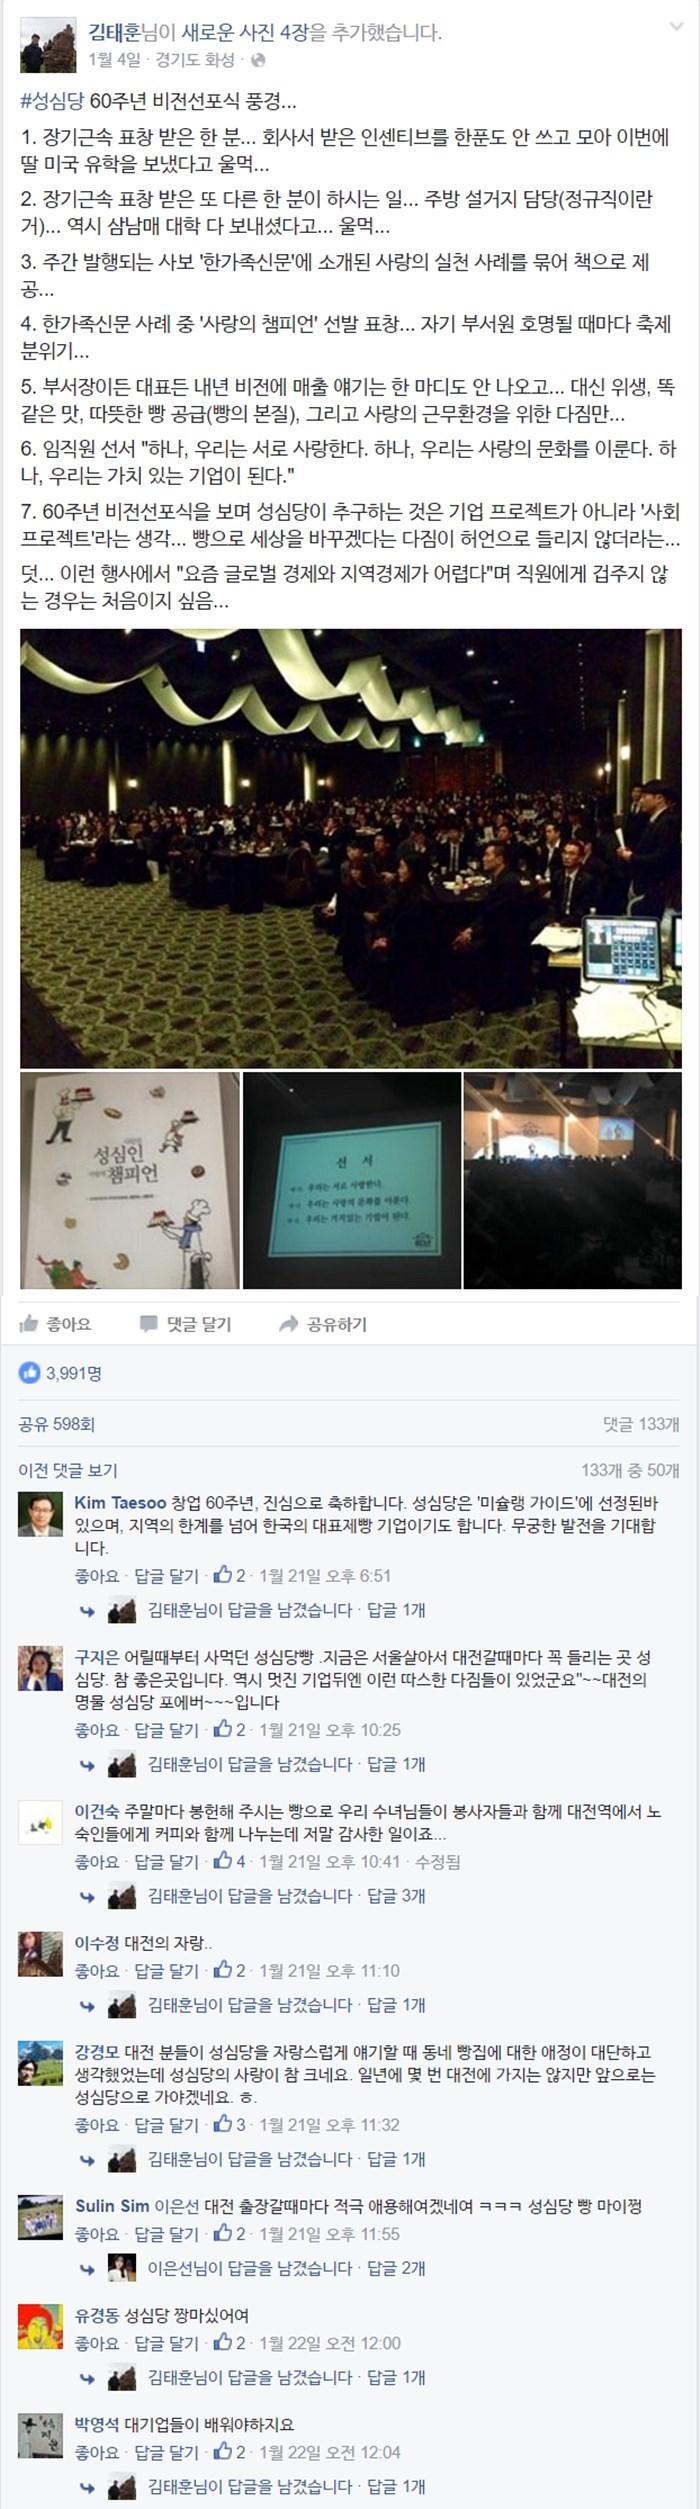 성심당 비젼선포식 김태훈 페이스북 캡춰01-vert.jpg